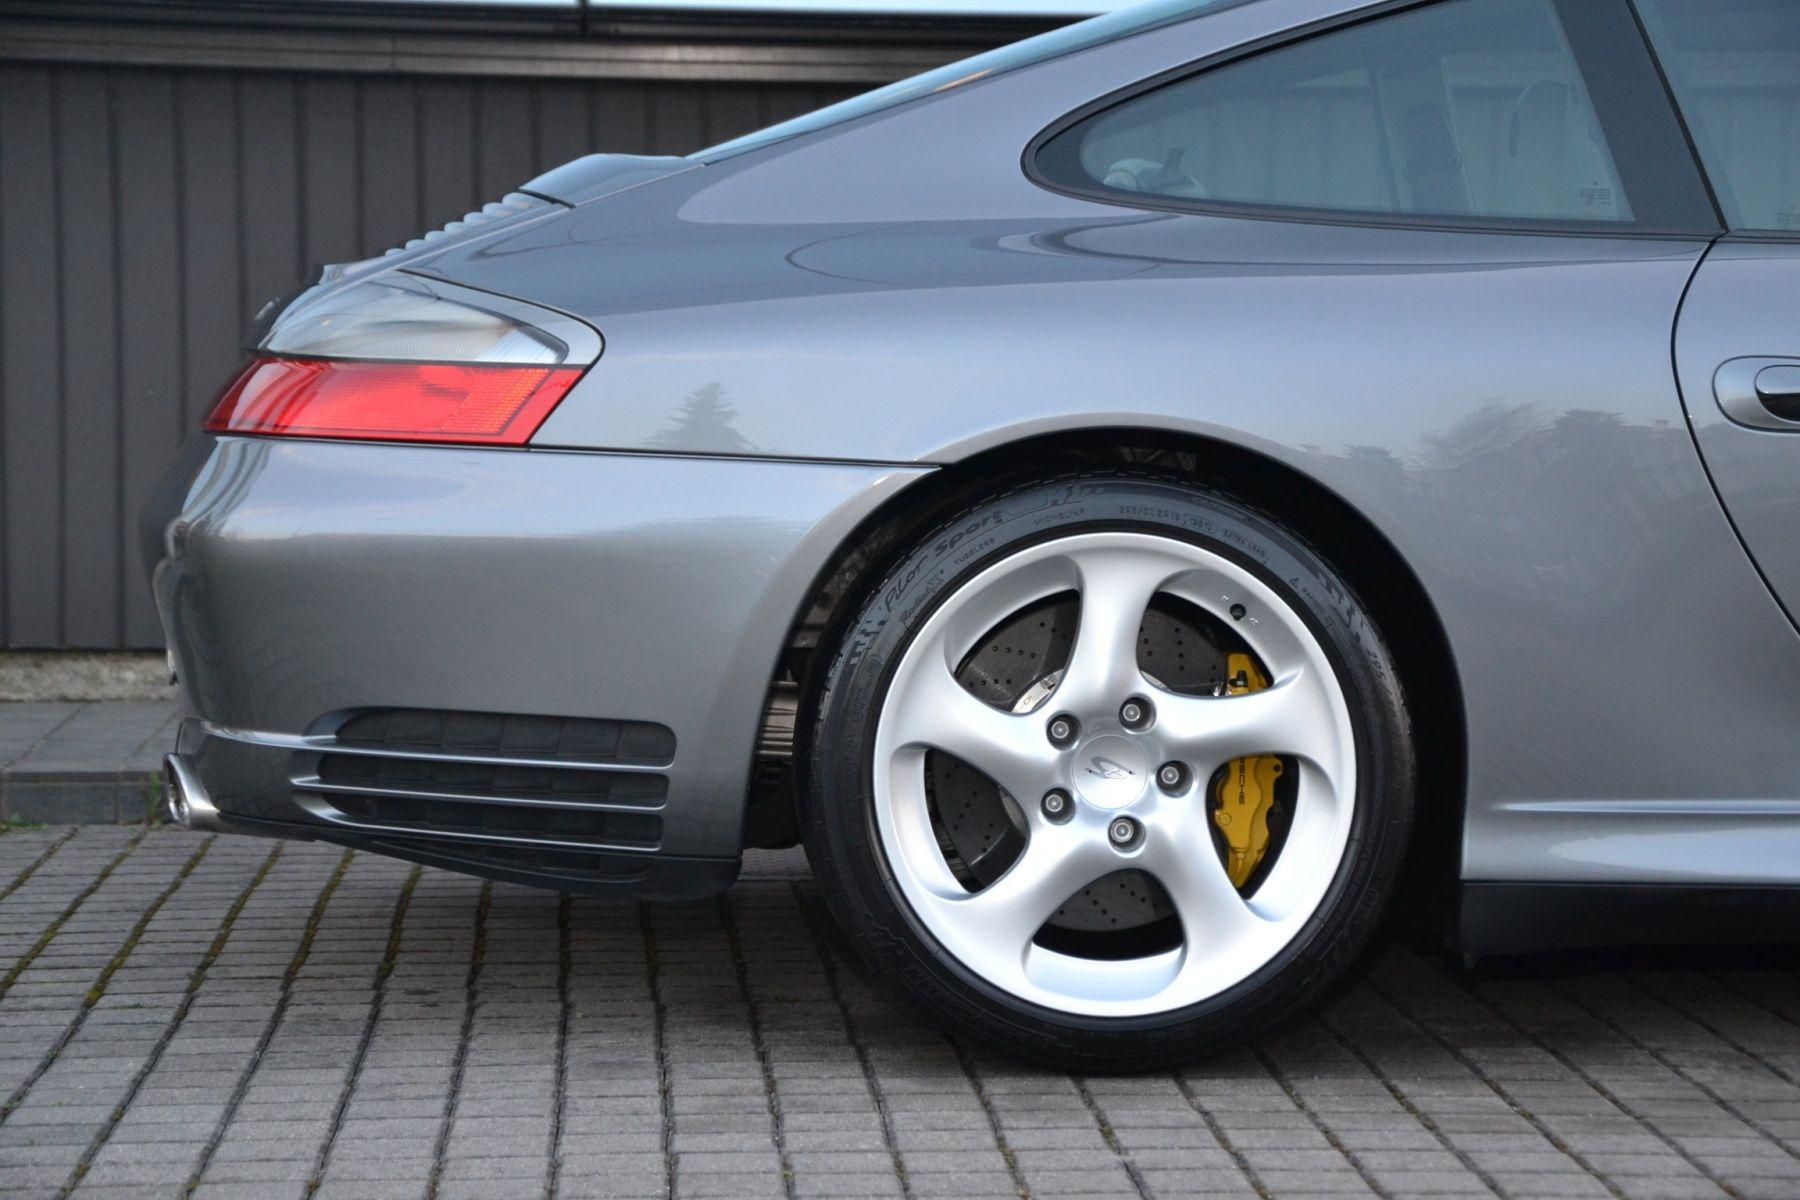 Pin By Keith Wong On Porsche 996 C4s Porsche Porsche For Sale Porsche 911 996